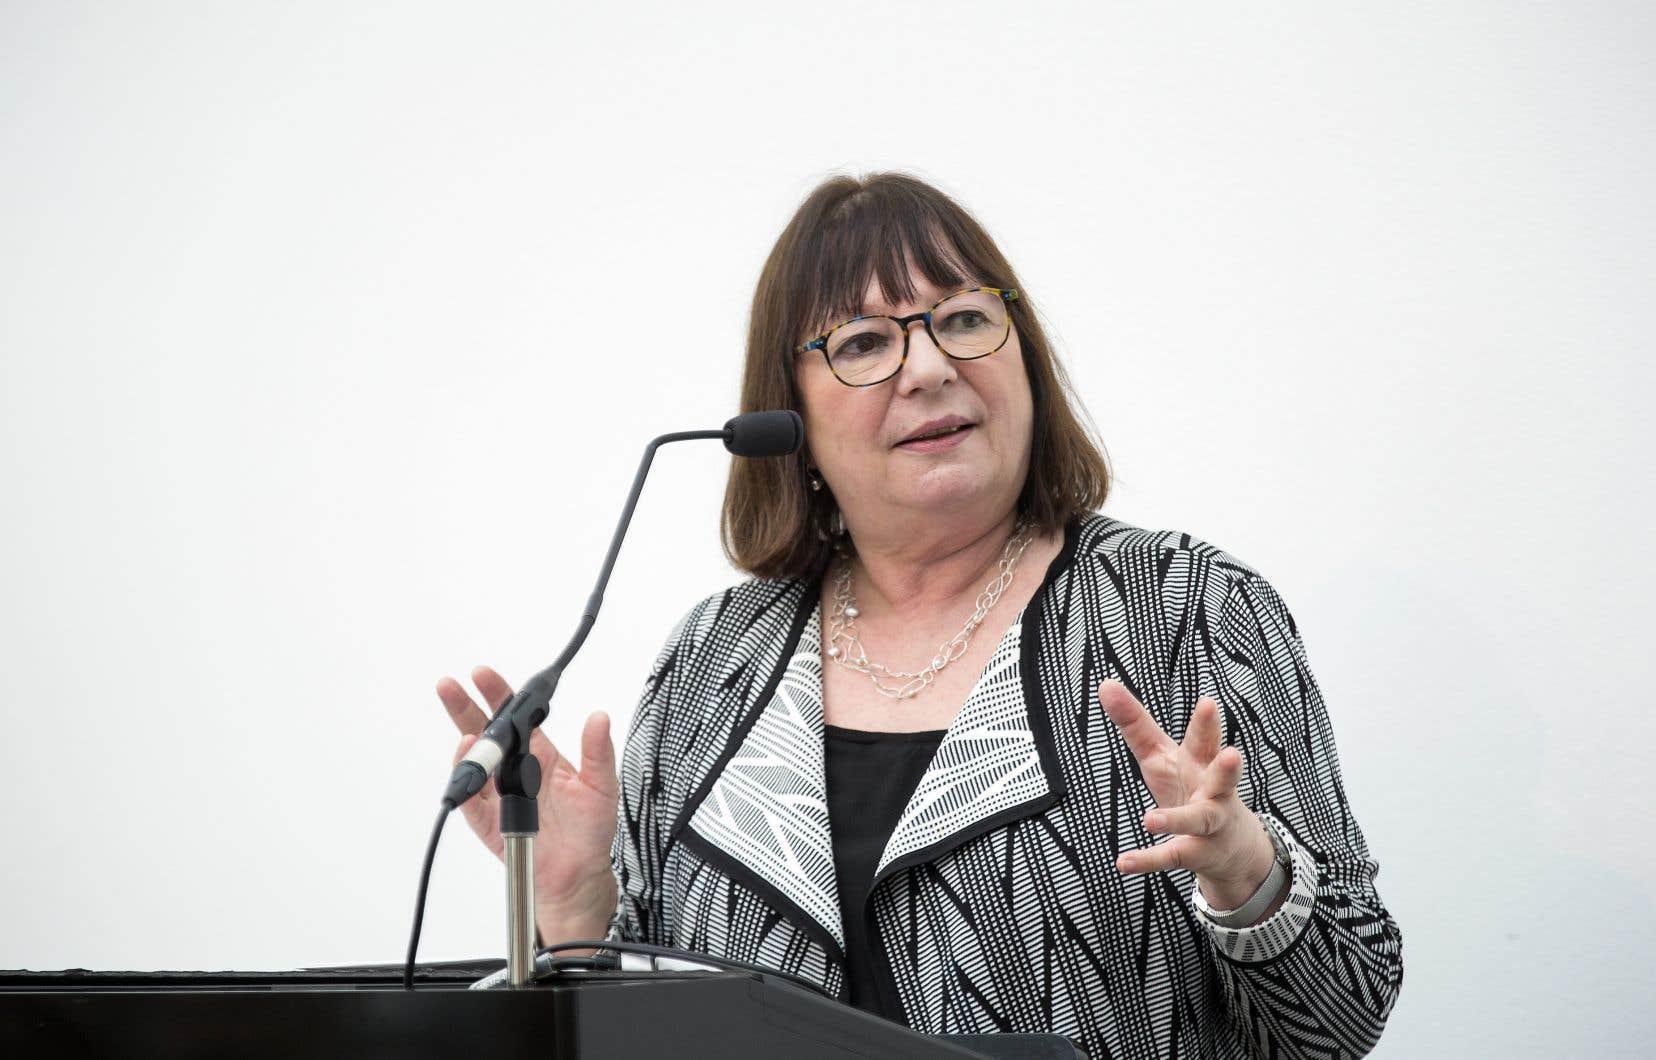 Monique Simard a récemment été nommée présidente du conseil d'administration du Fonds Québecor.